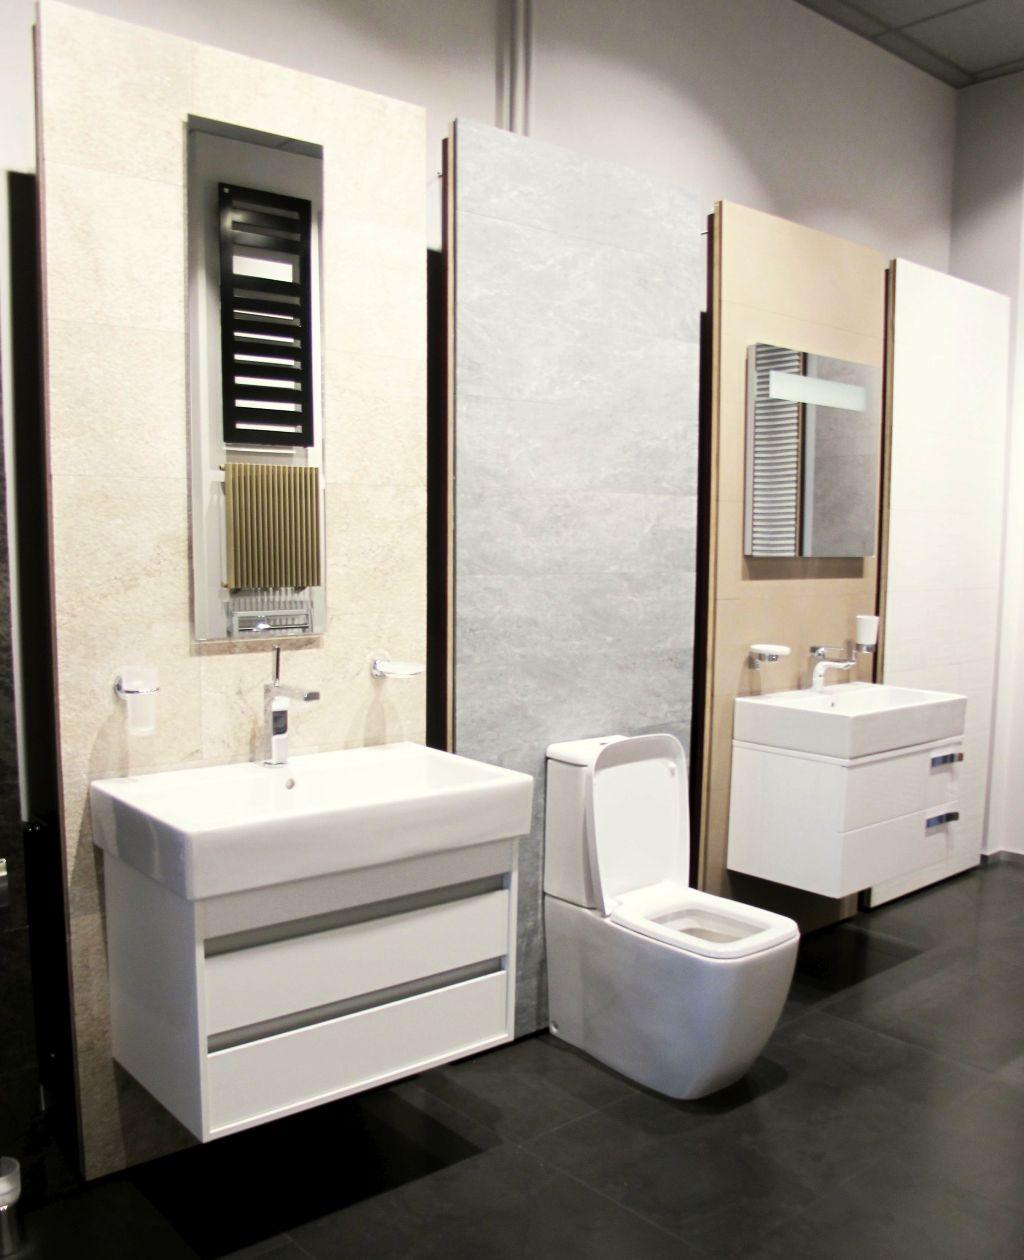 adelaparvu.com despre showroom Sensodays Design arh. Radu Grosu (18)